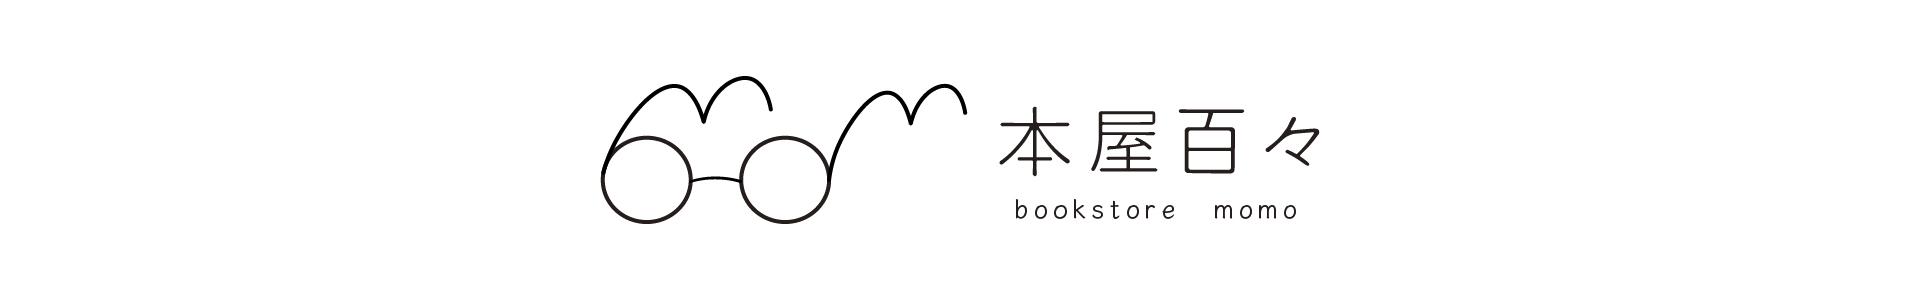 本屋百々のロゴ